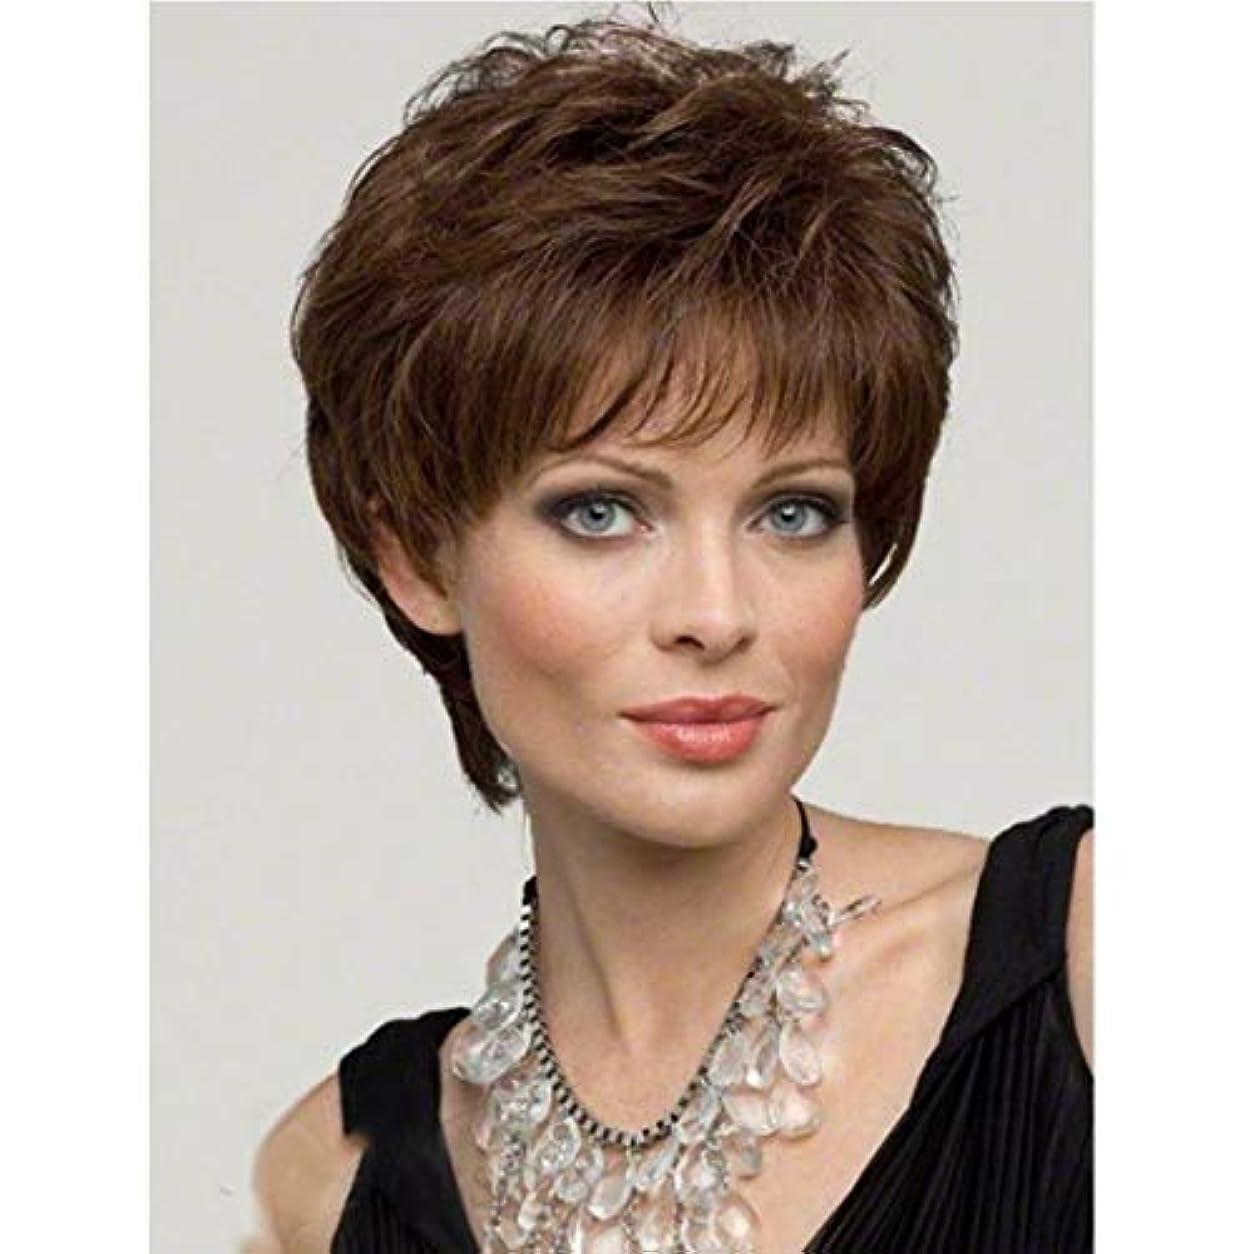 付与変換ぺディカブKerwinner 女性のための茶色のかつら短い巻き毛のかつら合成完全女性のかつら